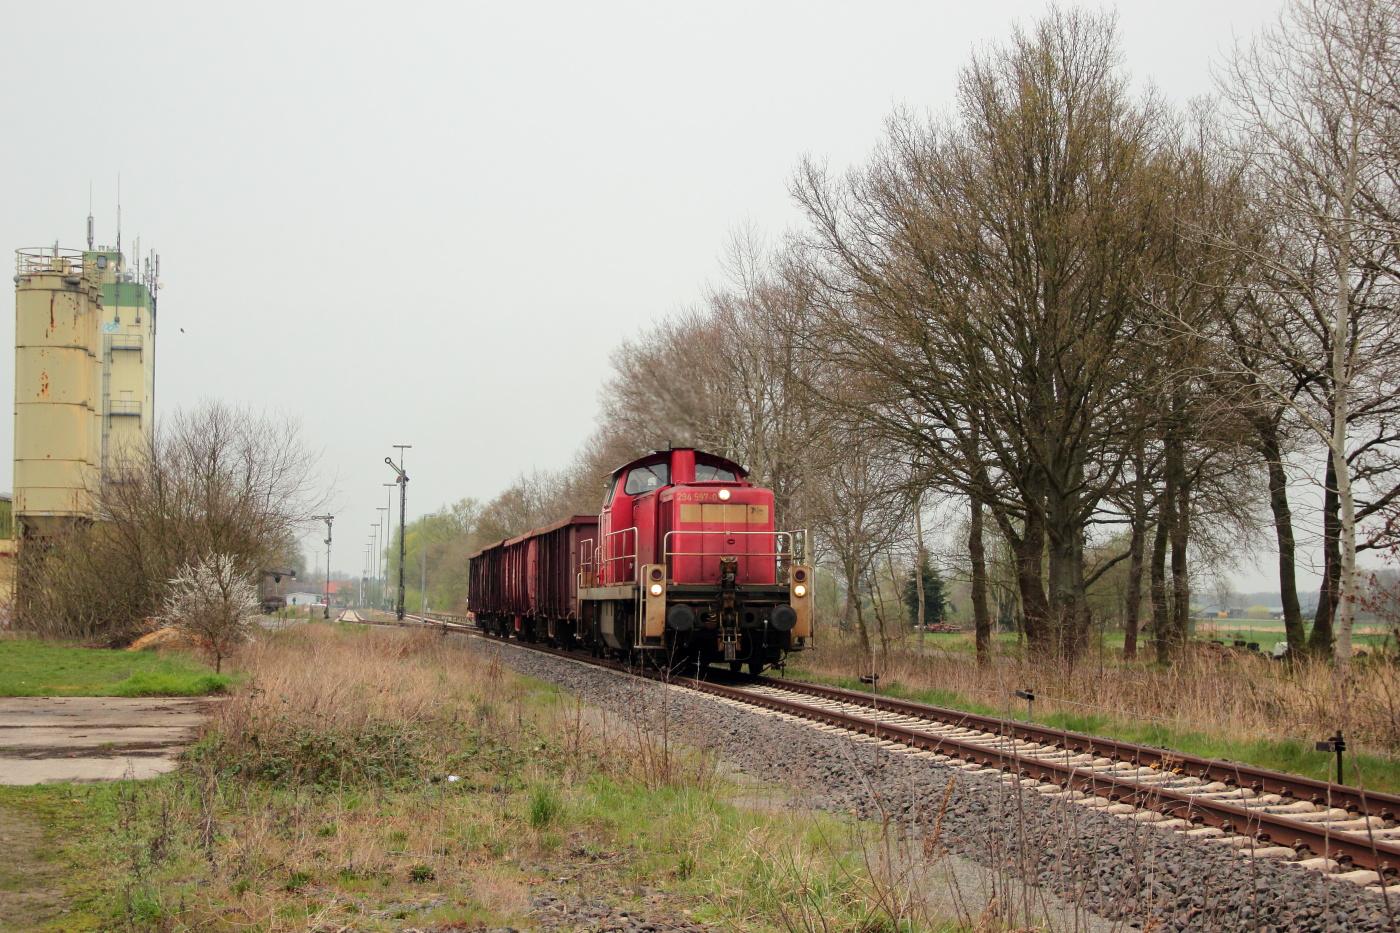 http://www.nachtbahner.de/Fotos/2014-04-05%20M%c3%bchlenbahn/k-IMG_2539%20KBS%20115%20M%c3%bchlenbahn%2005.04.14%20(4).JPG